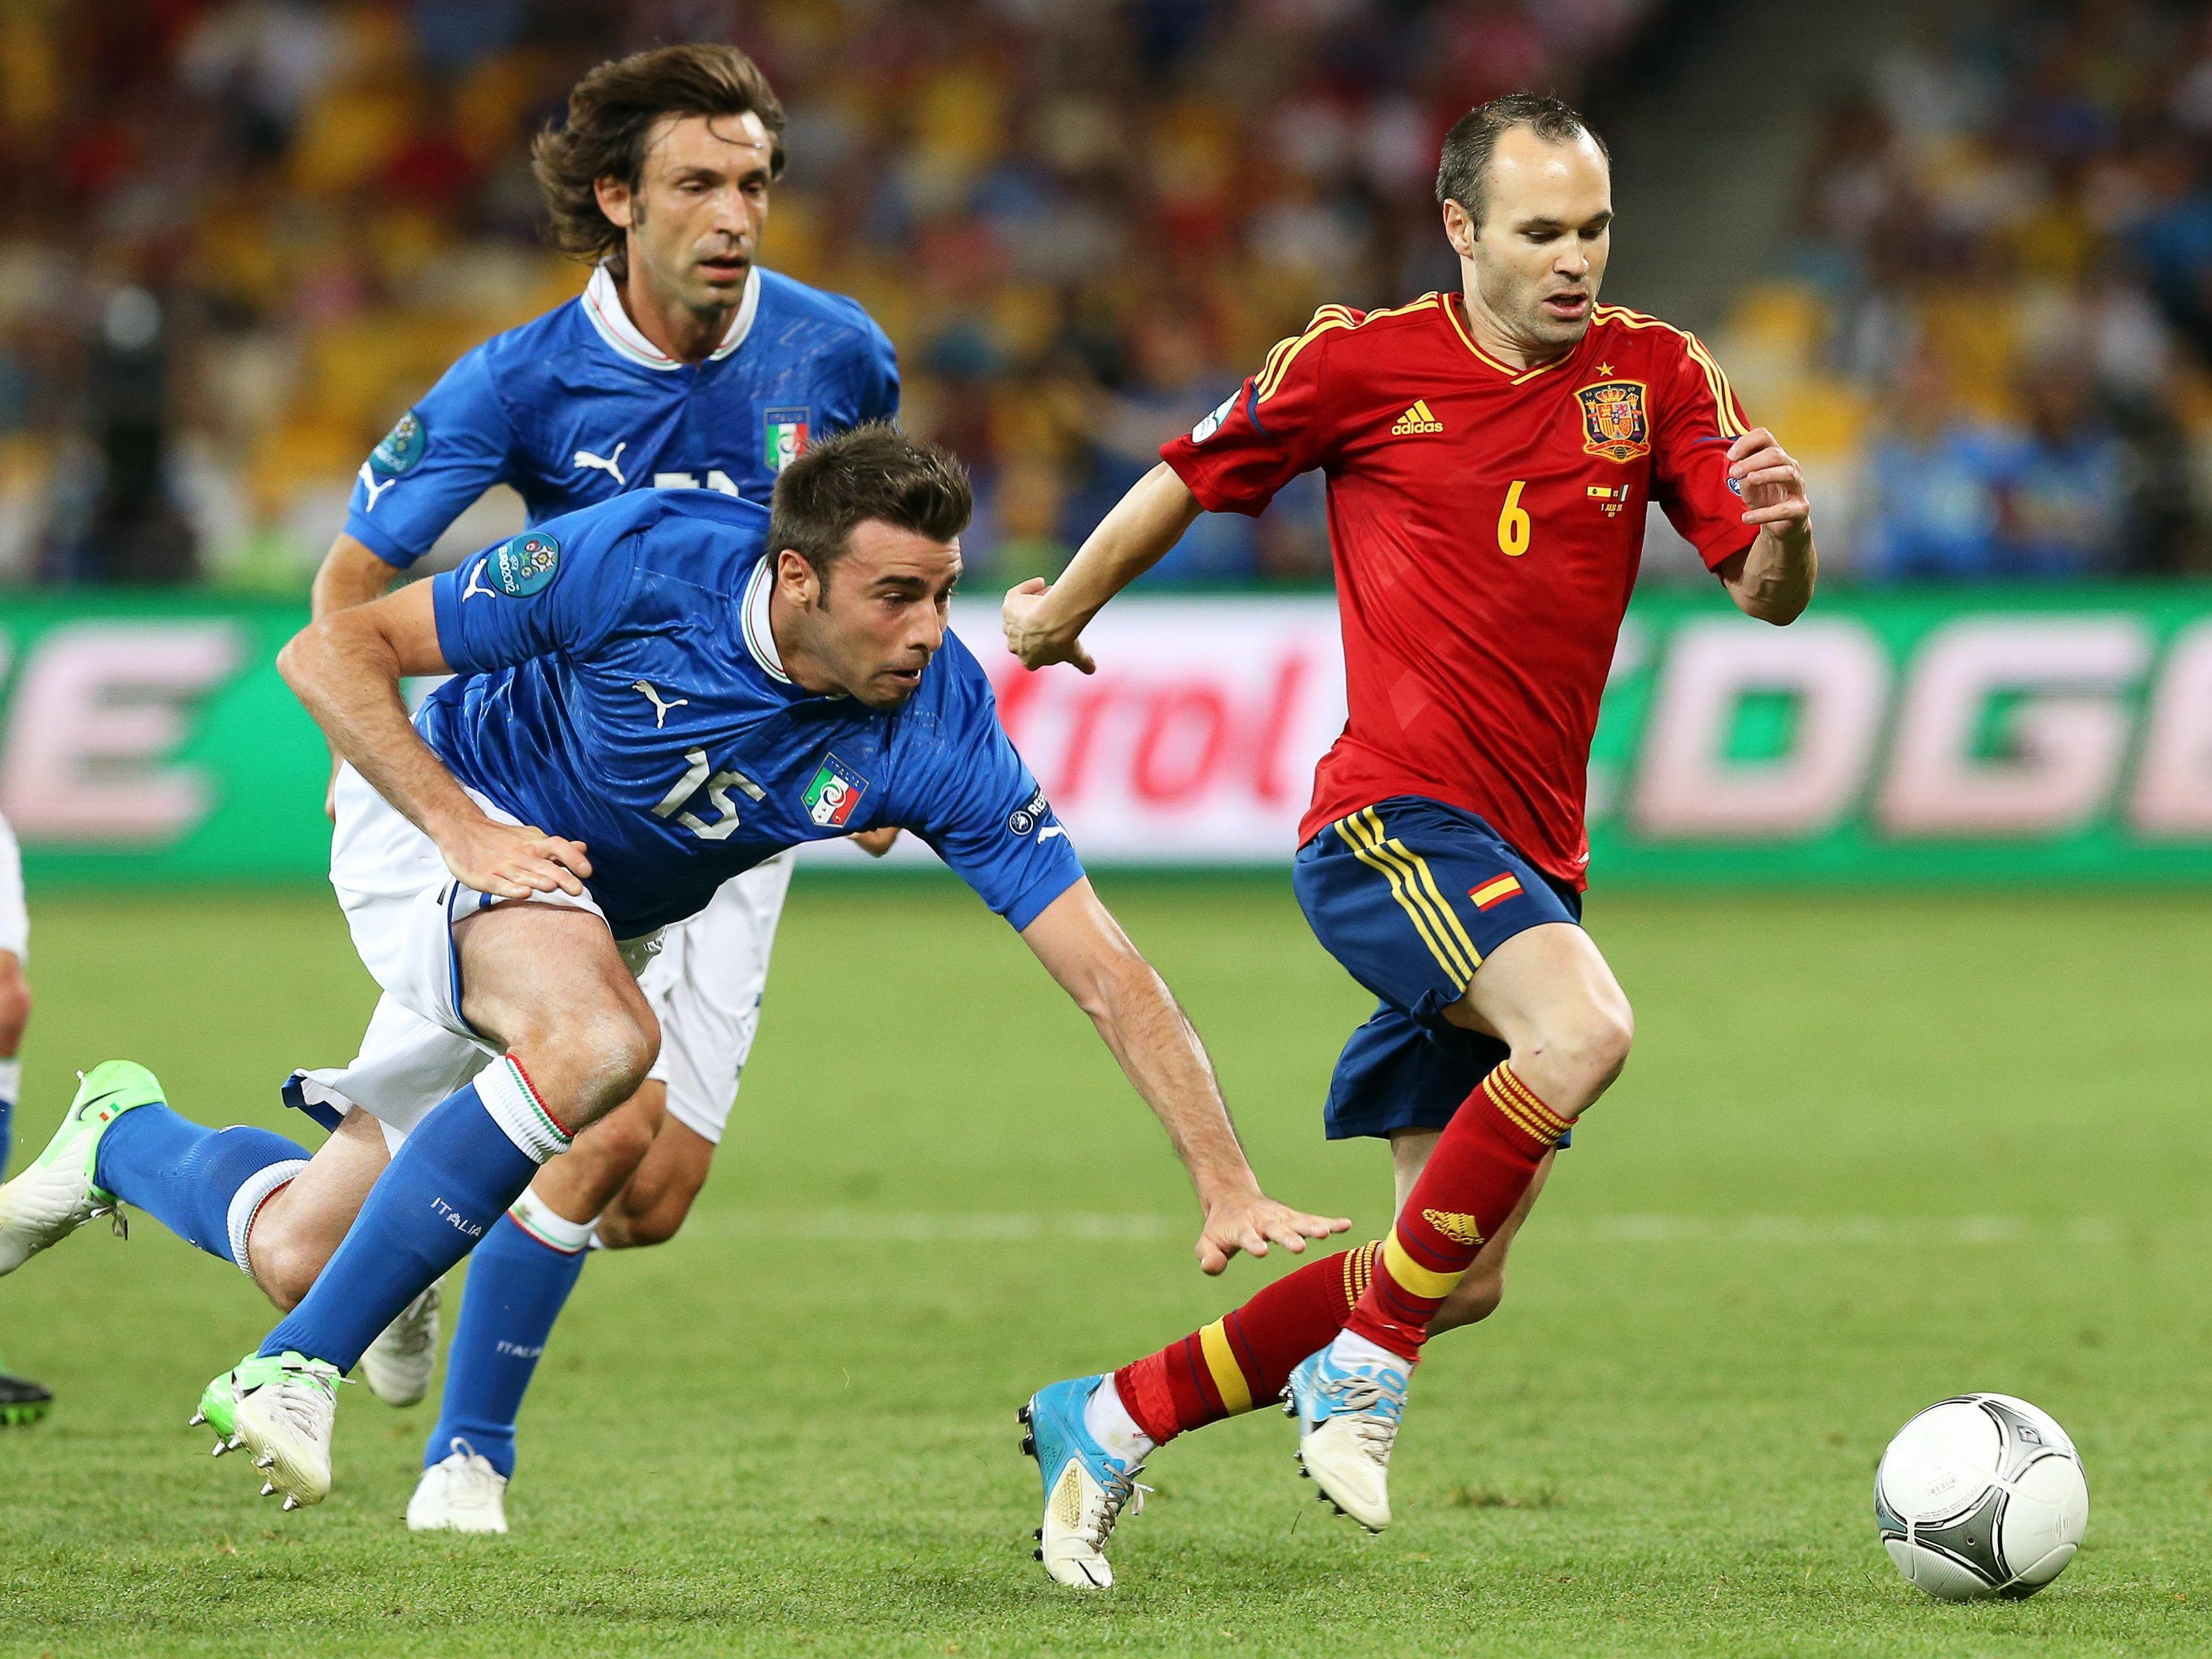 Überlegenheit Spaniens wird von allen Seiten anerkannt.